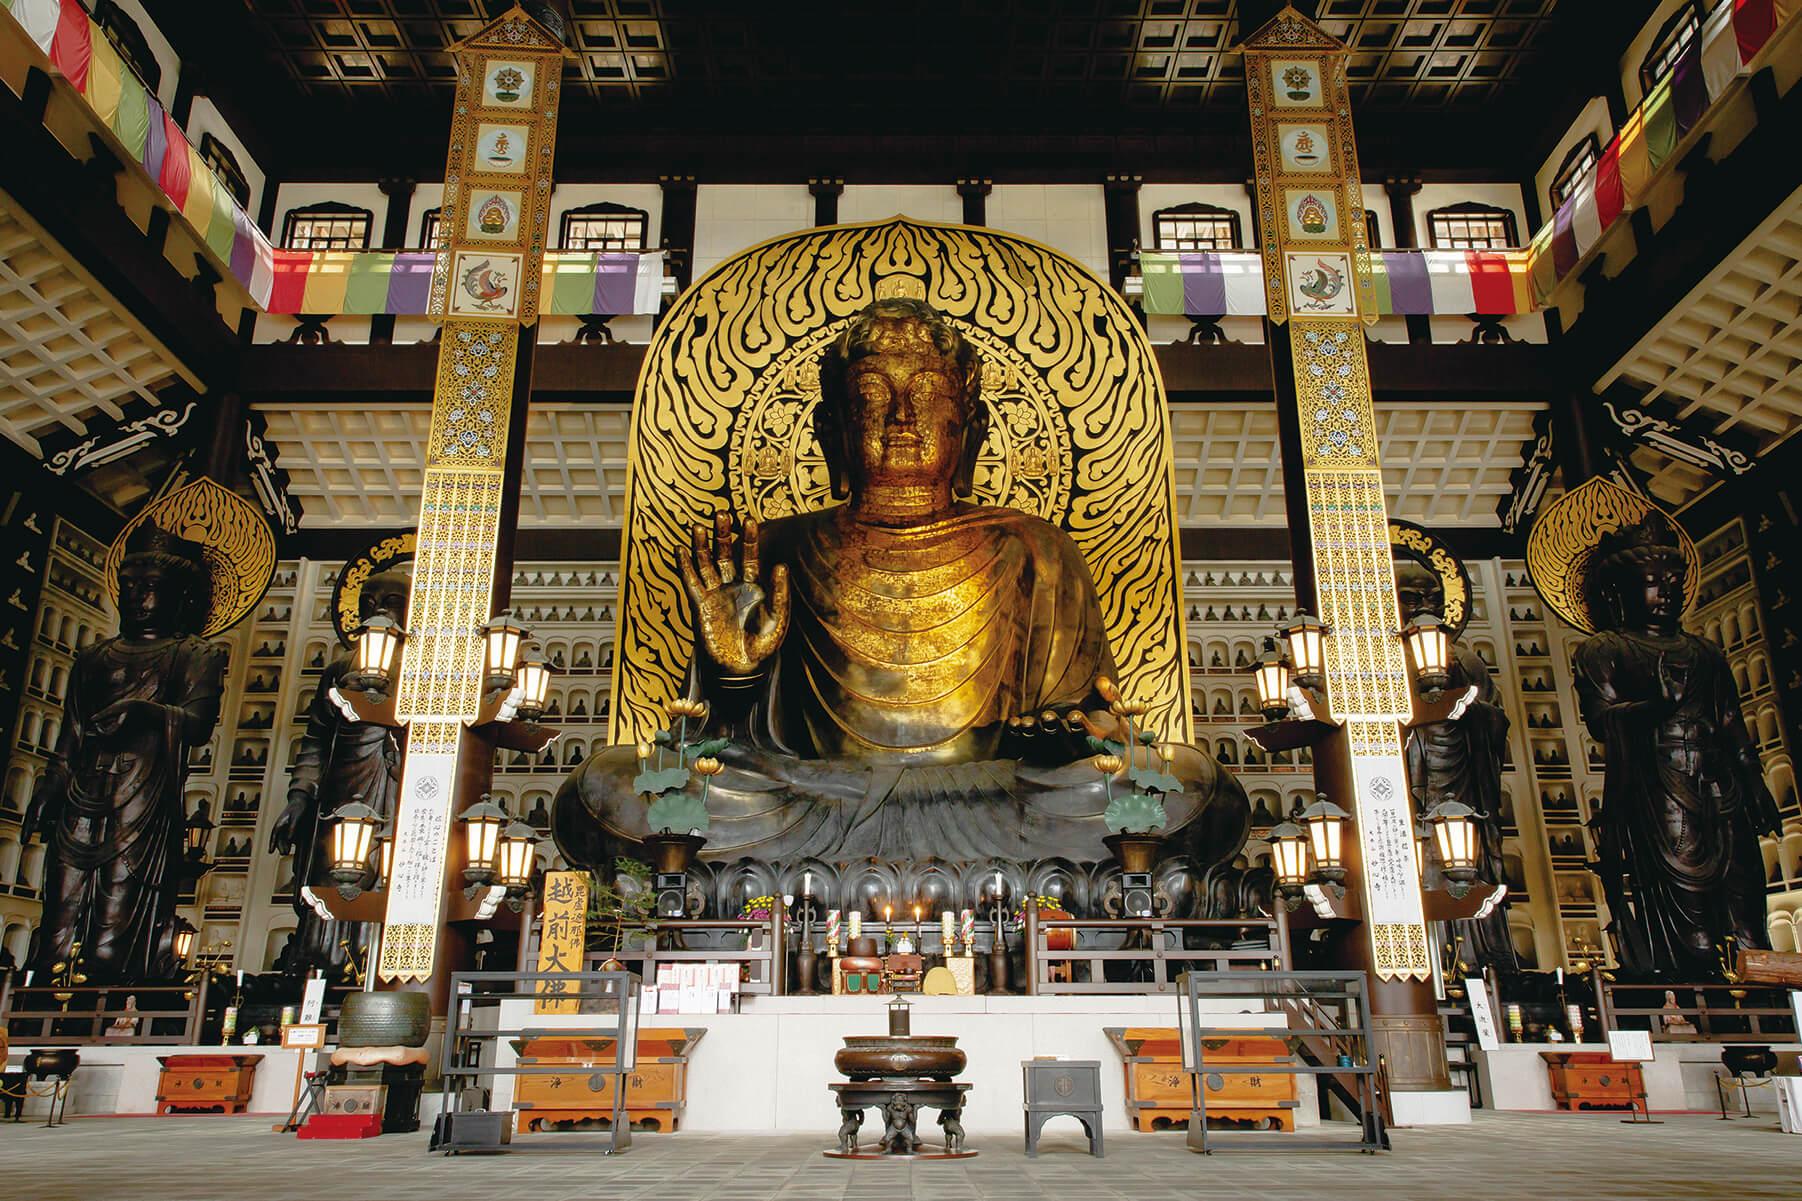 日本最大の屋内座像 奈良の大仏をしのぐ圧巻の大仏様